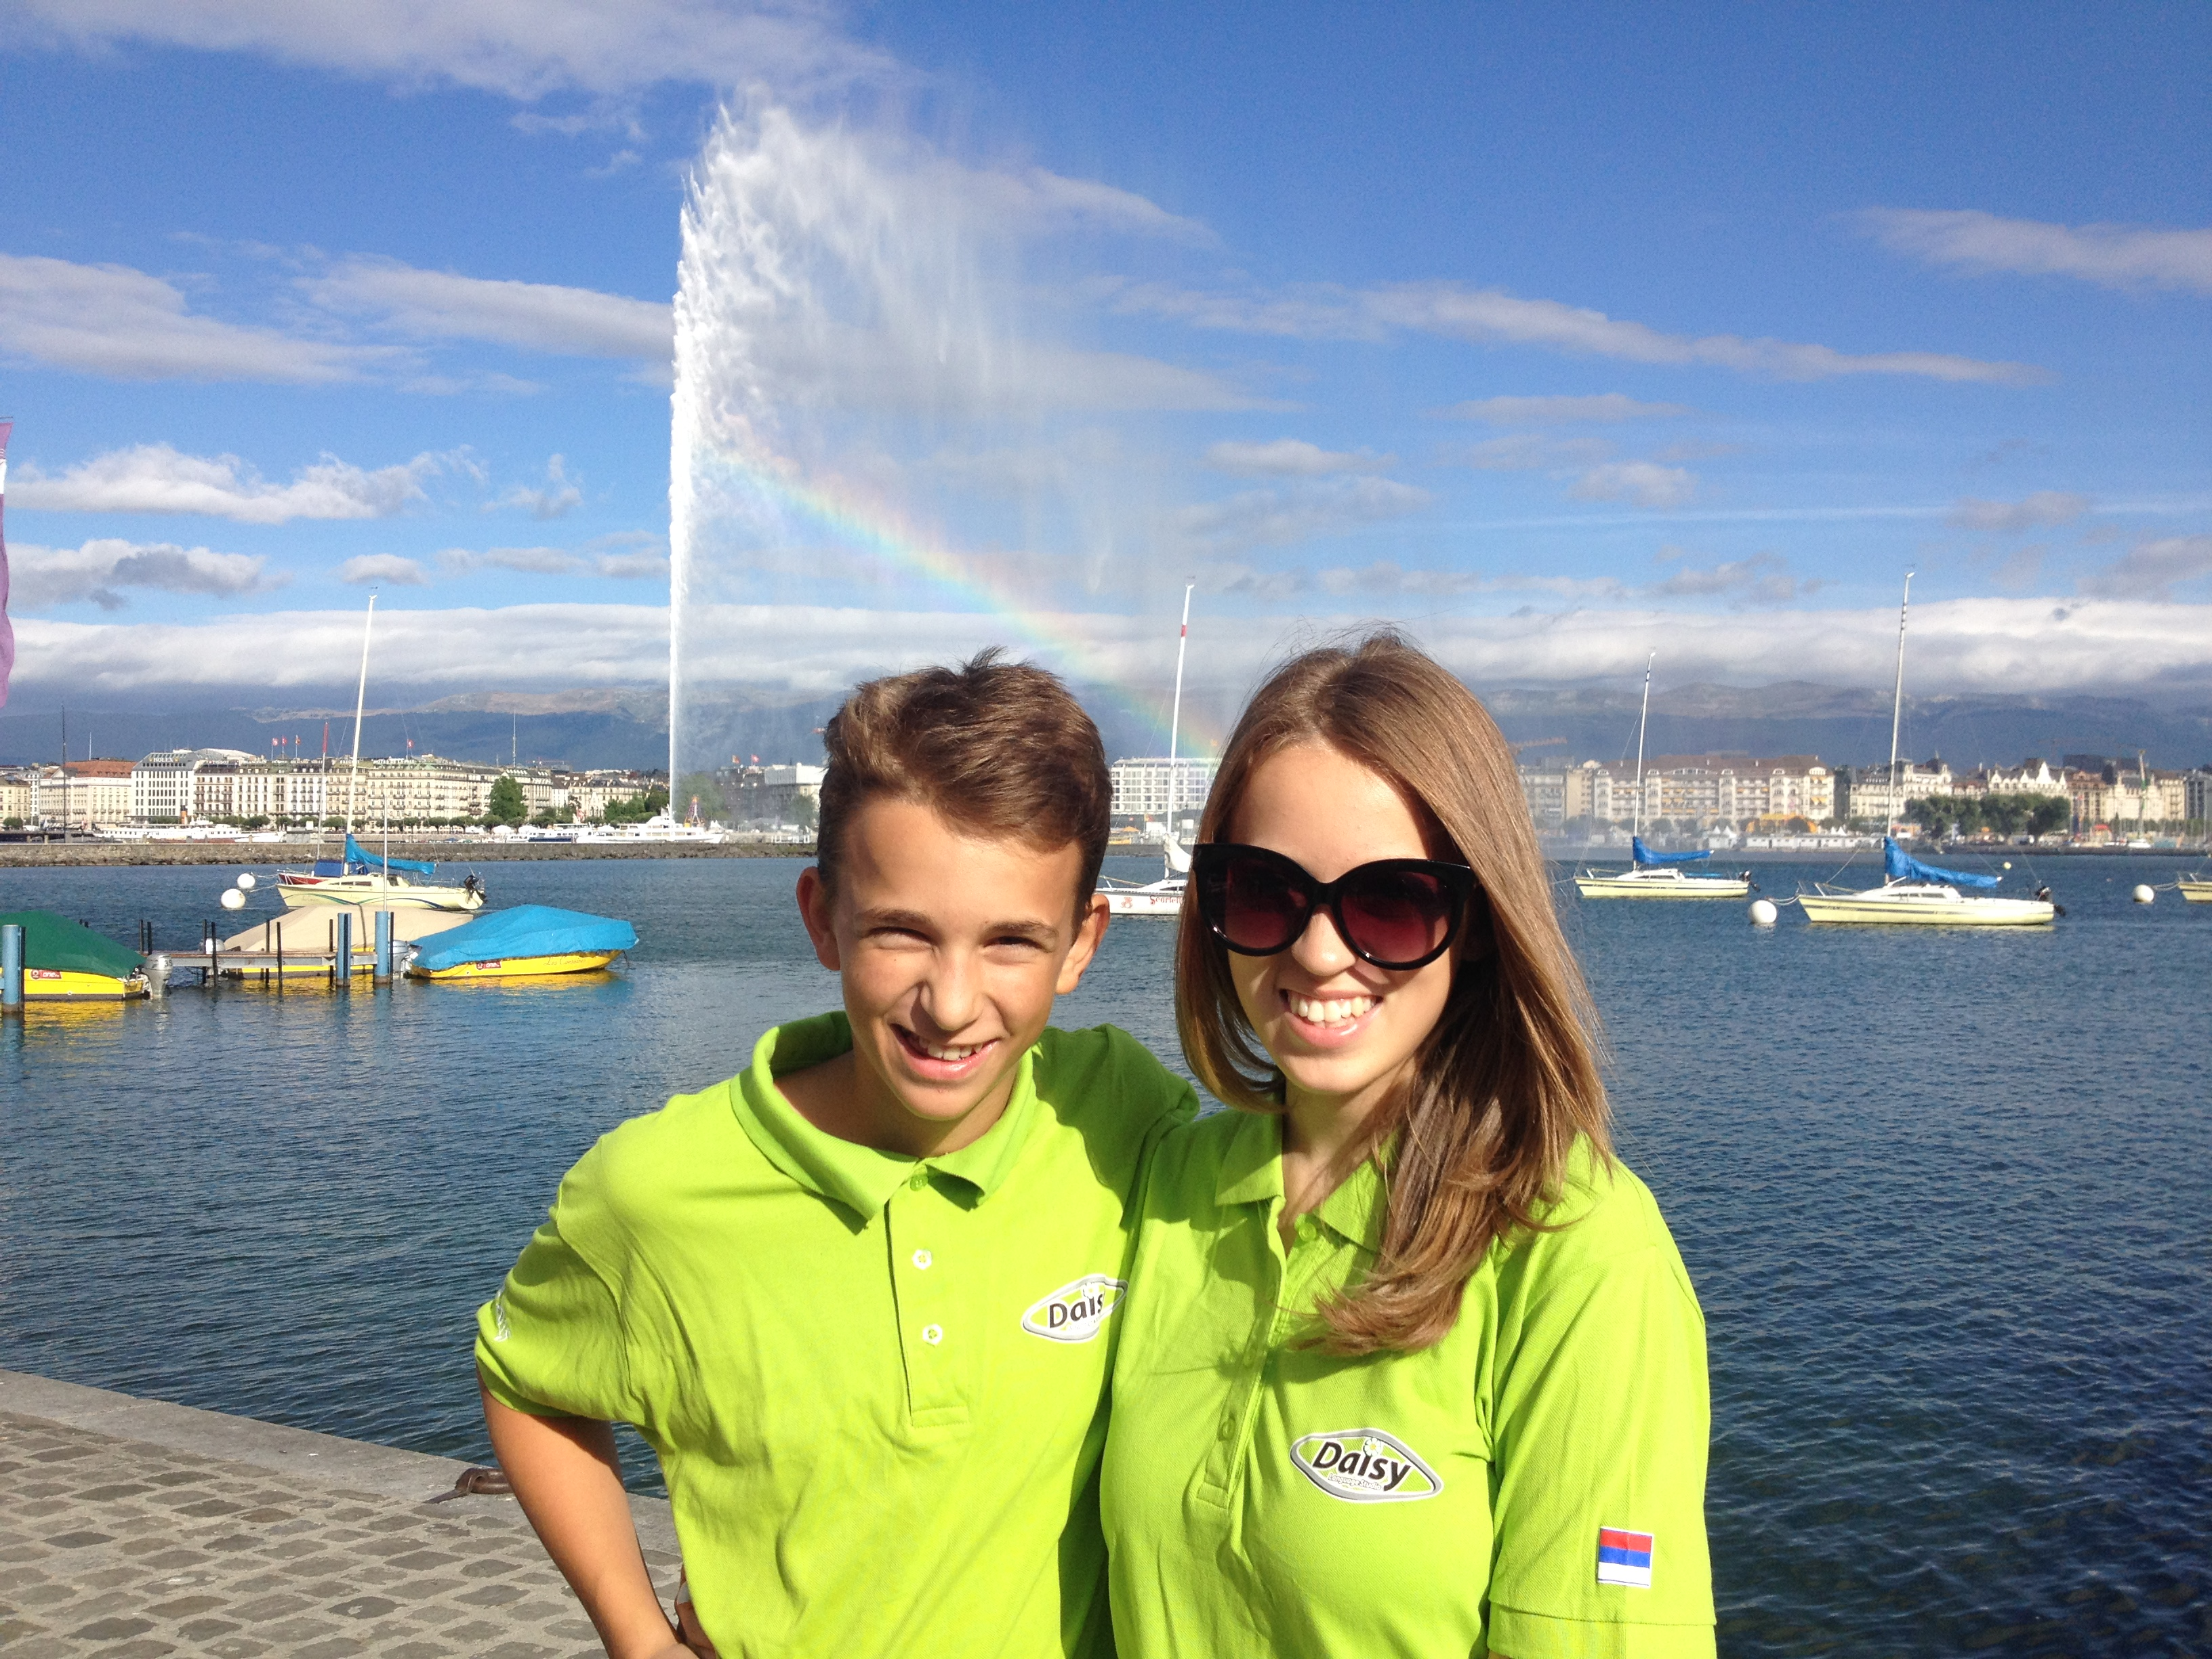 LS DAISY 2011: Geneva Lake